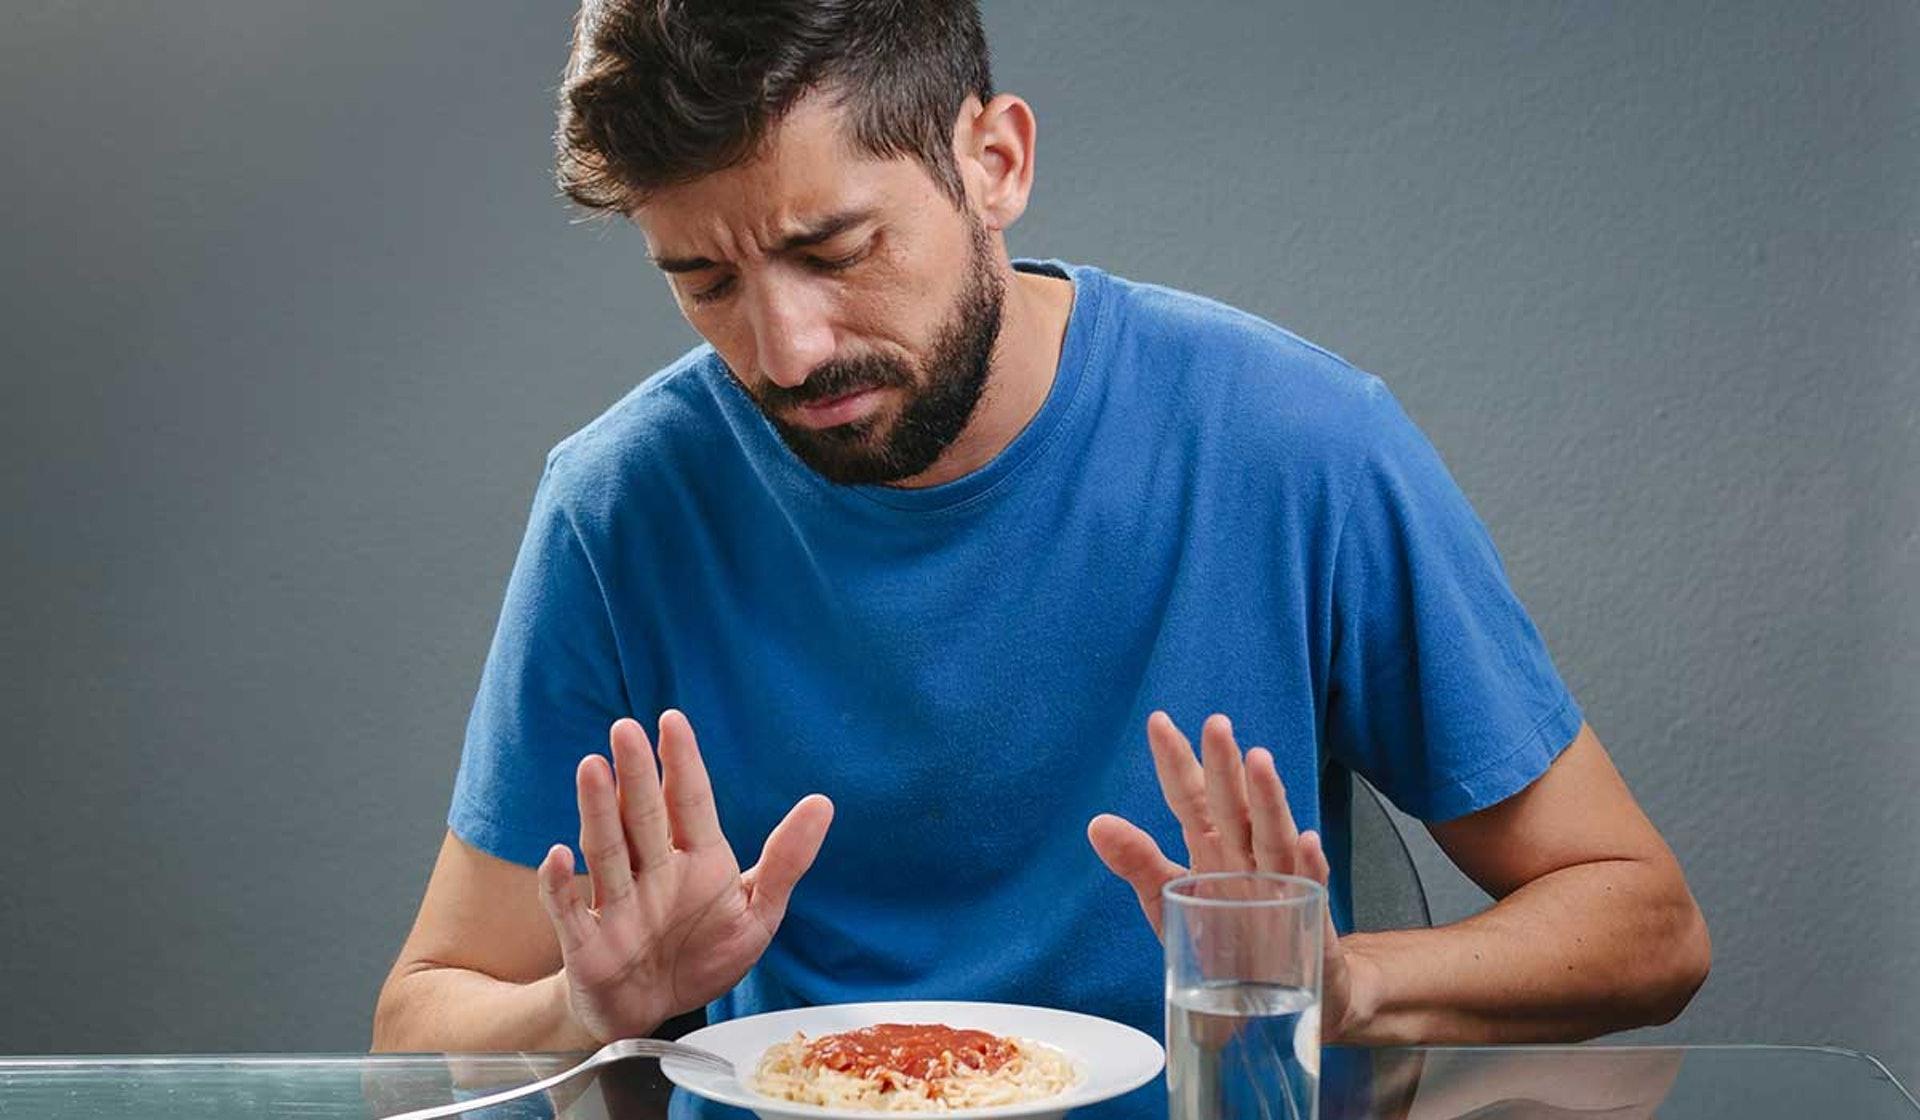 胃癌初期症狀不明顯,可留意是否因食慾不振以致體重急降。(圖片:selecciones)